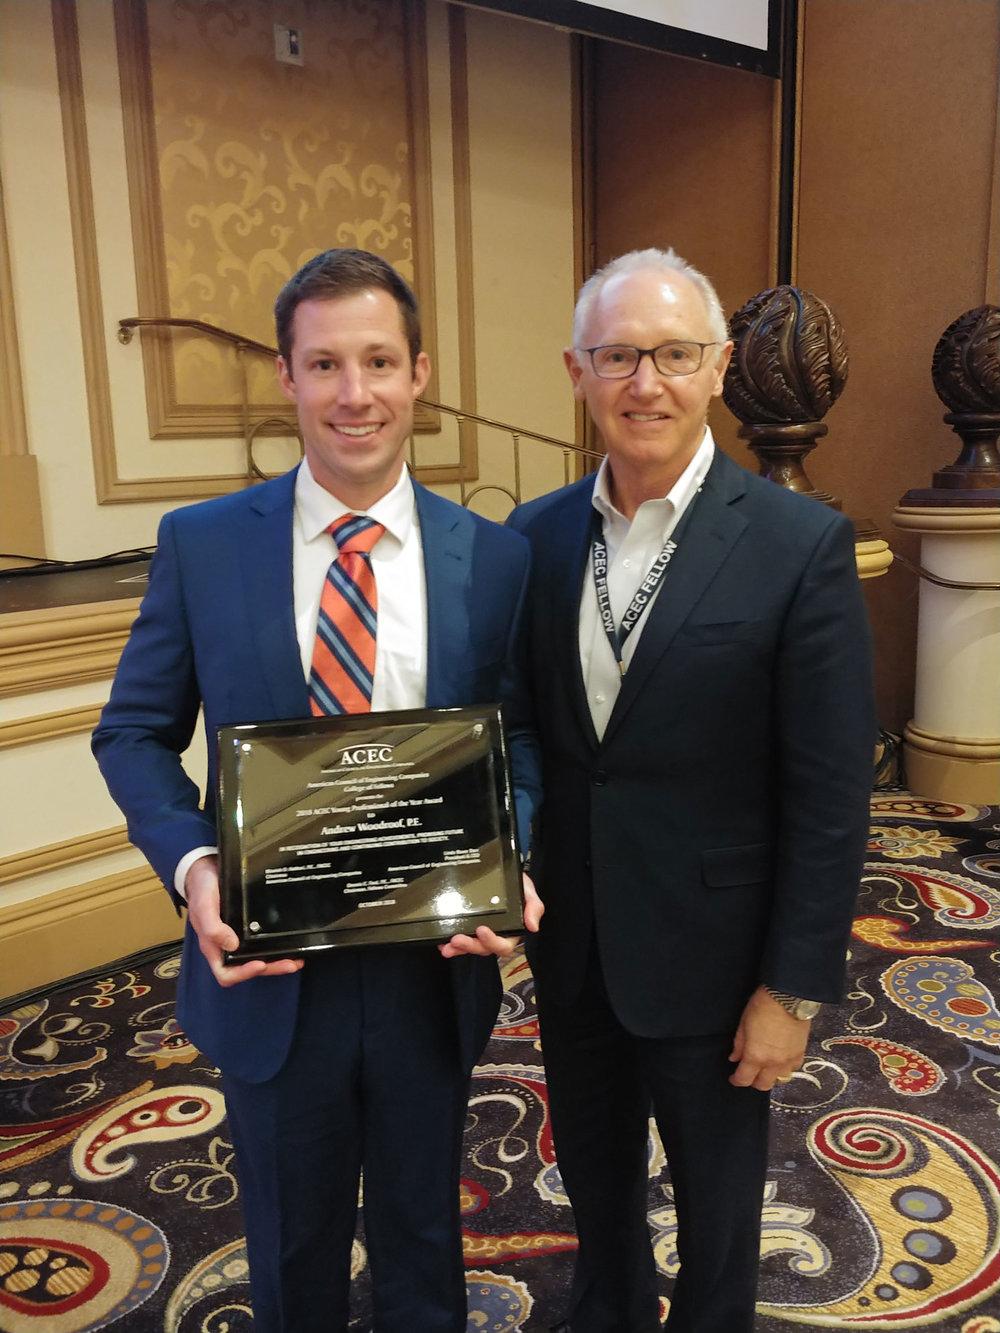 Award winner, Andrew Woodroof, with DE CEO Kurt Evans